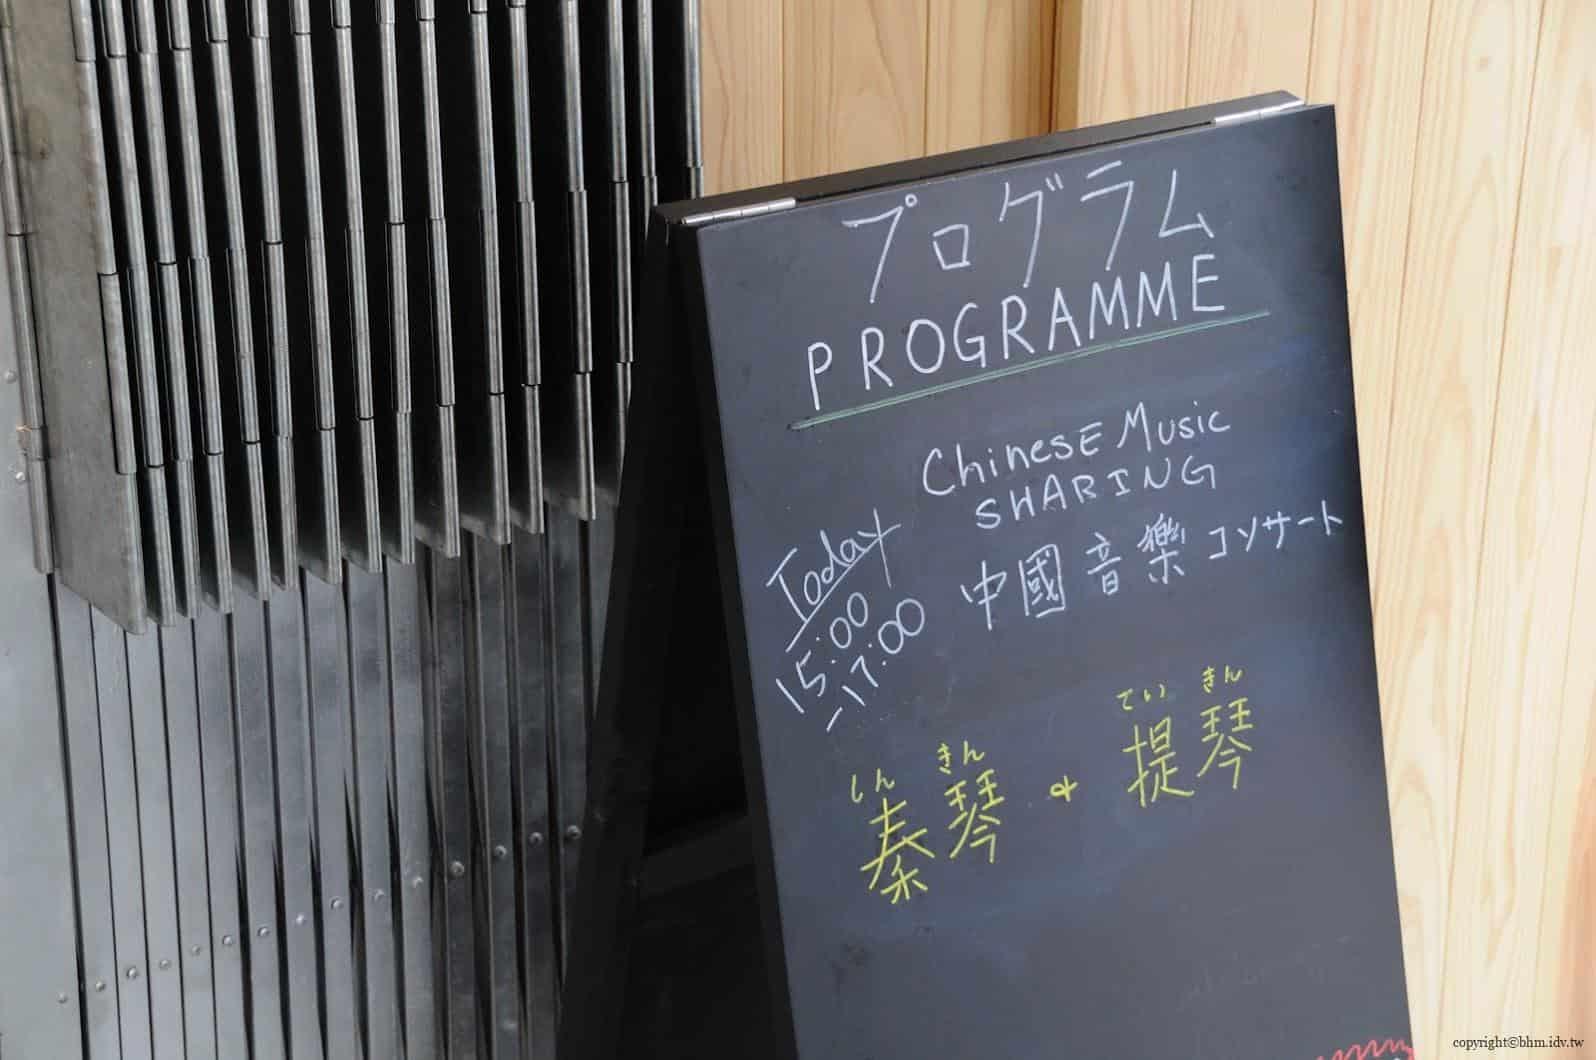 葉晉亨,香港部屋,前往當天現場正在進行中國音樂秦琴+提琴的演奏節目 香港部屋 香港部屋 hong kong house 09